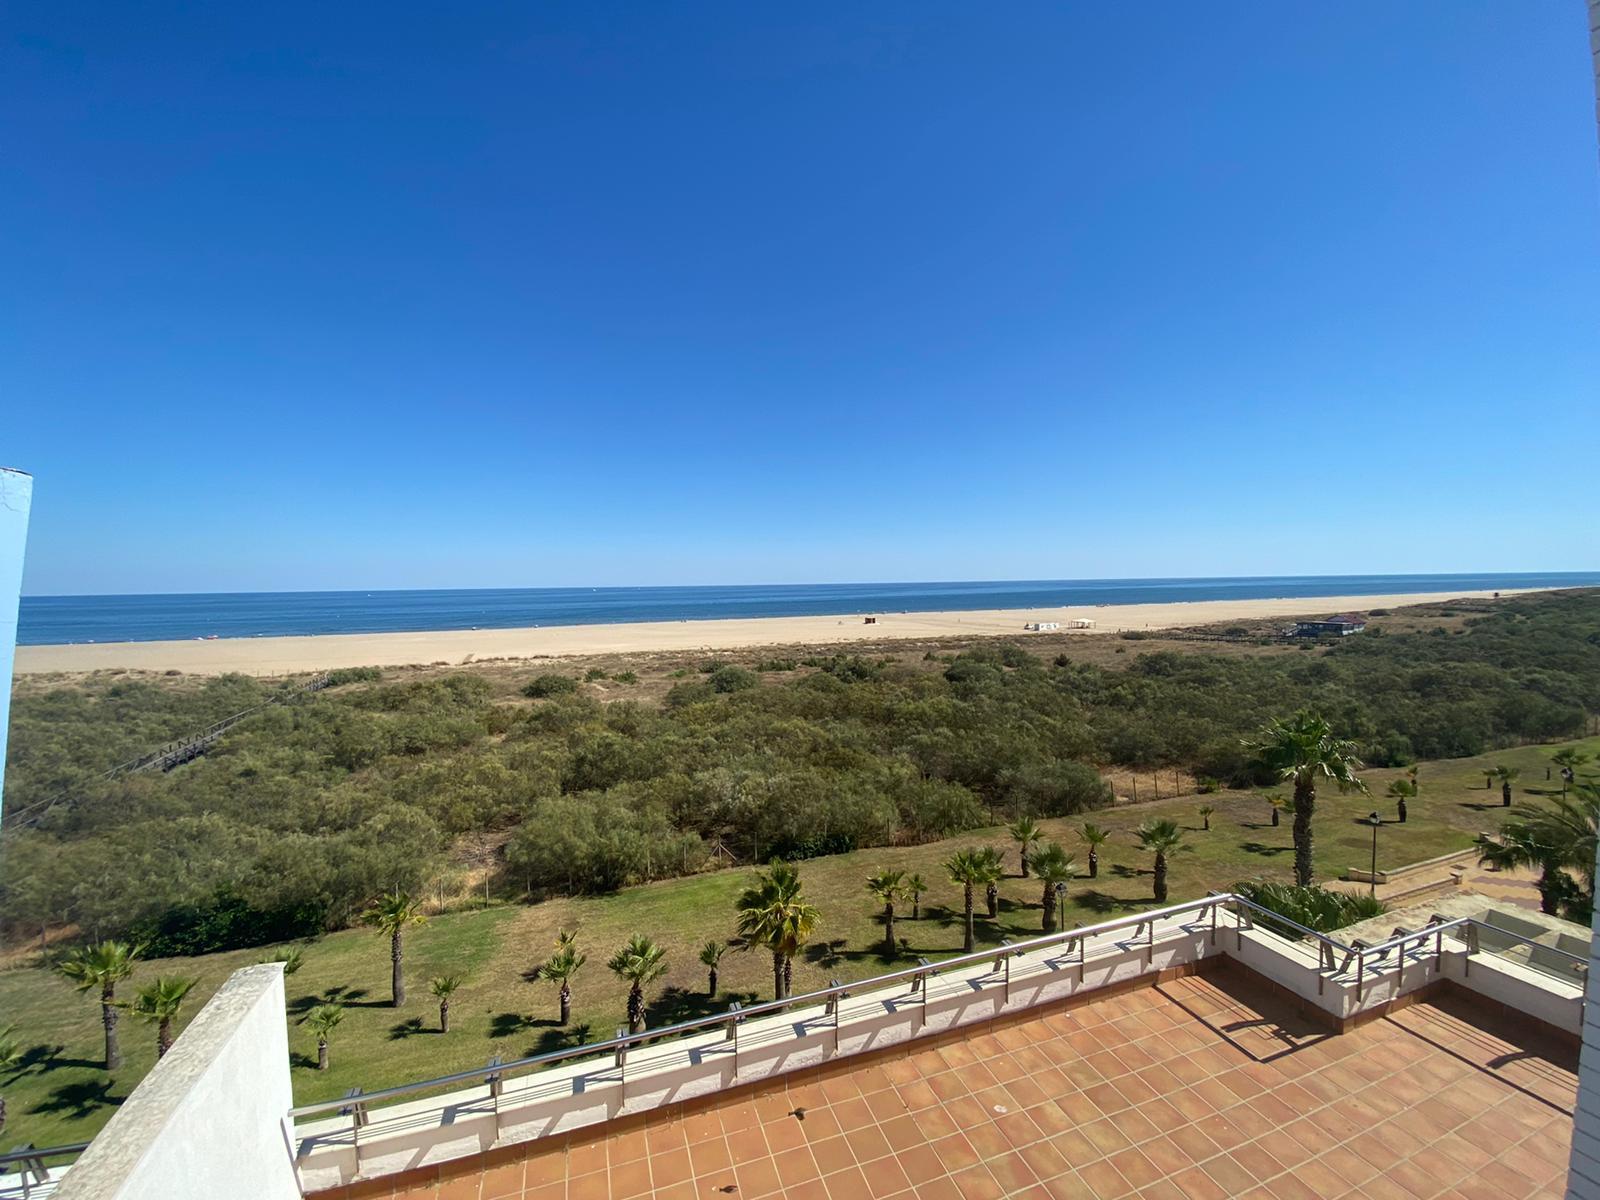 Imagen 46 del Apartamento Turístico, Ático 3 Levante, Frontal (4d+2b), Punta del Moral (HUELVA), Paseo de la Cruz nº22